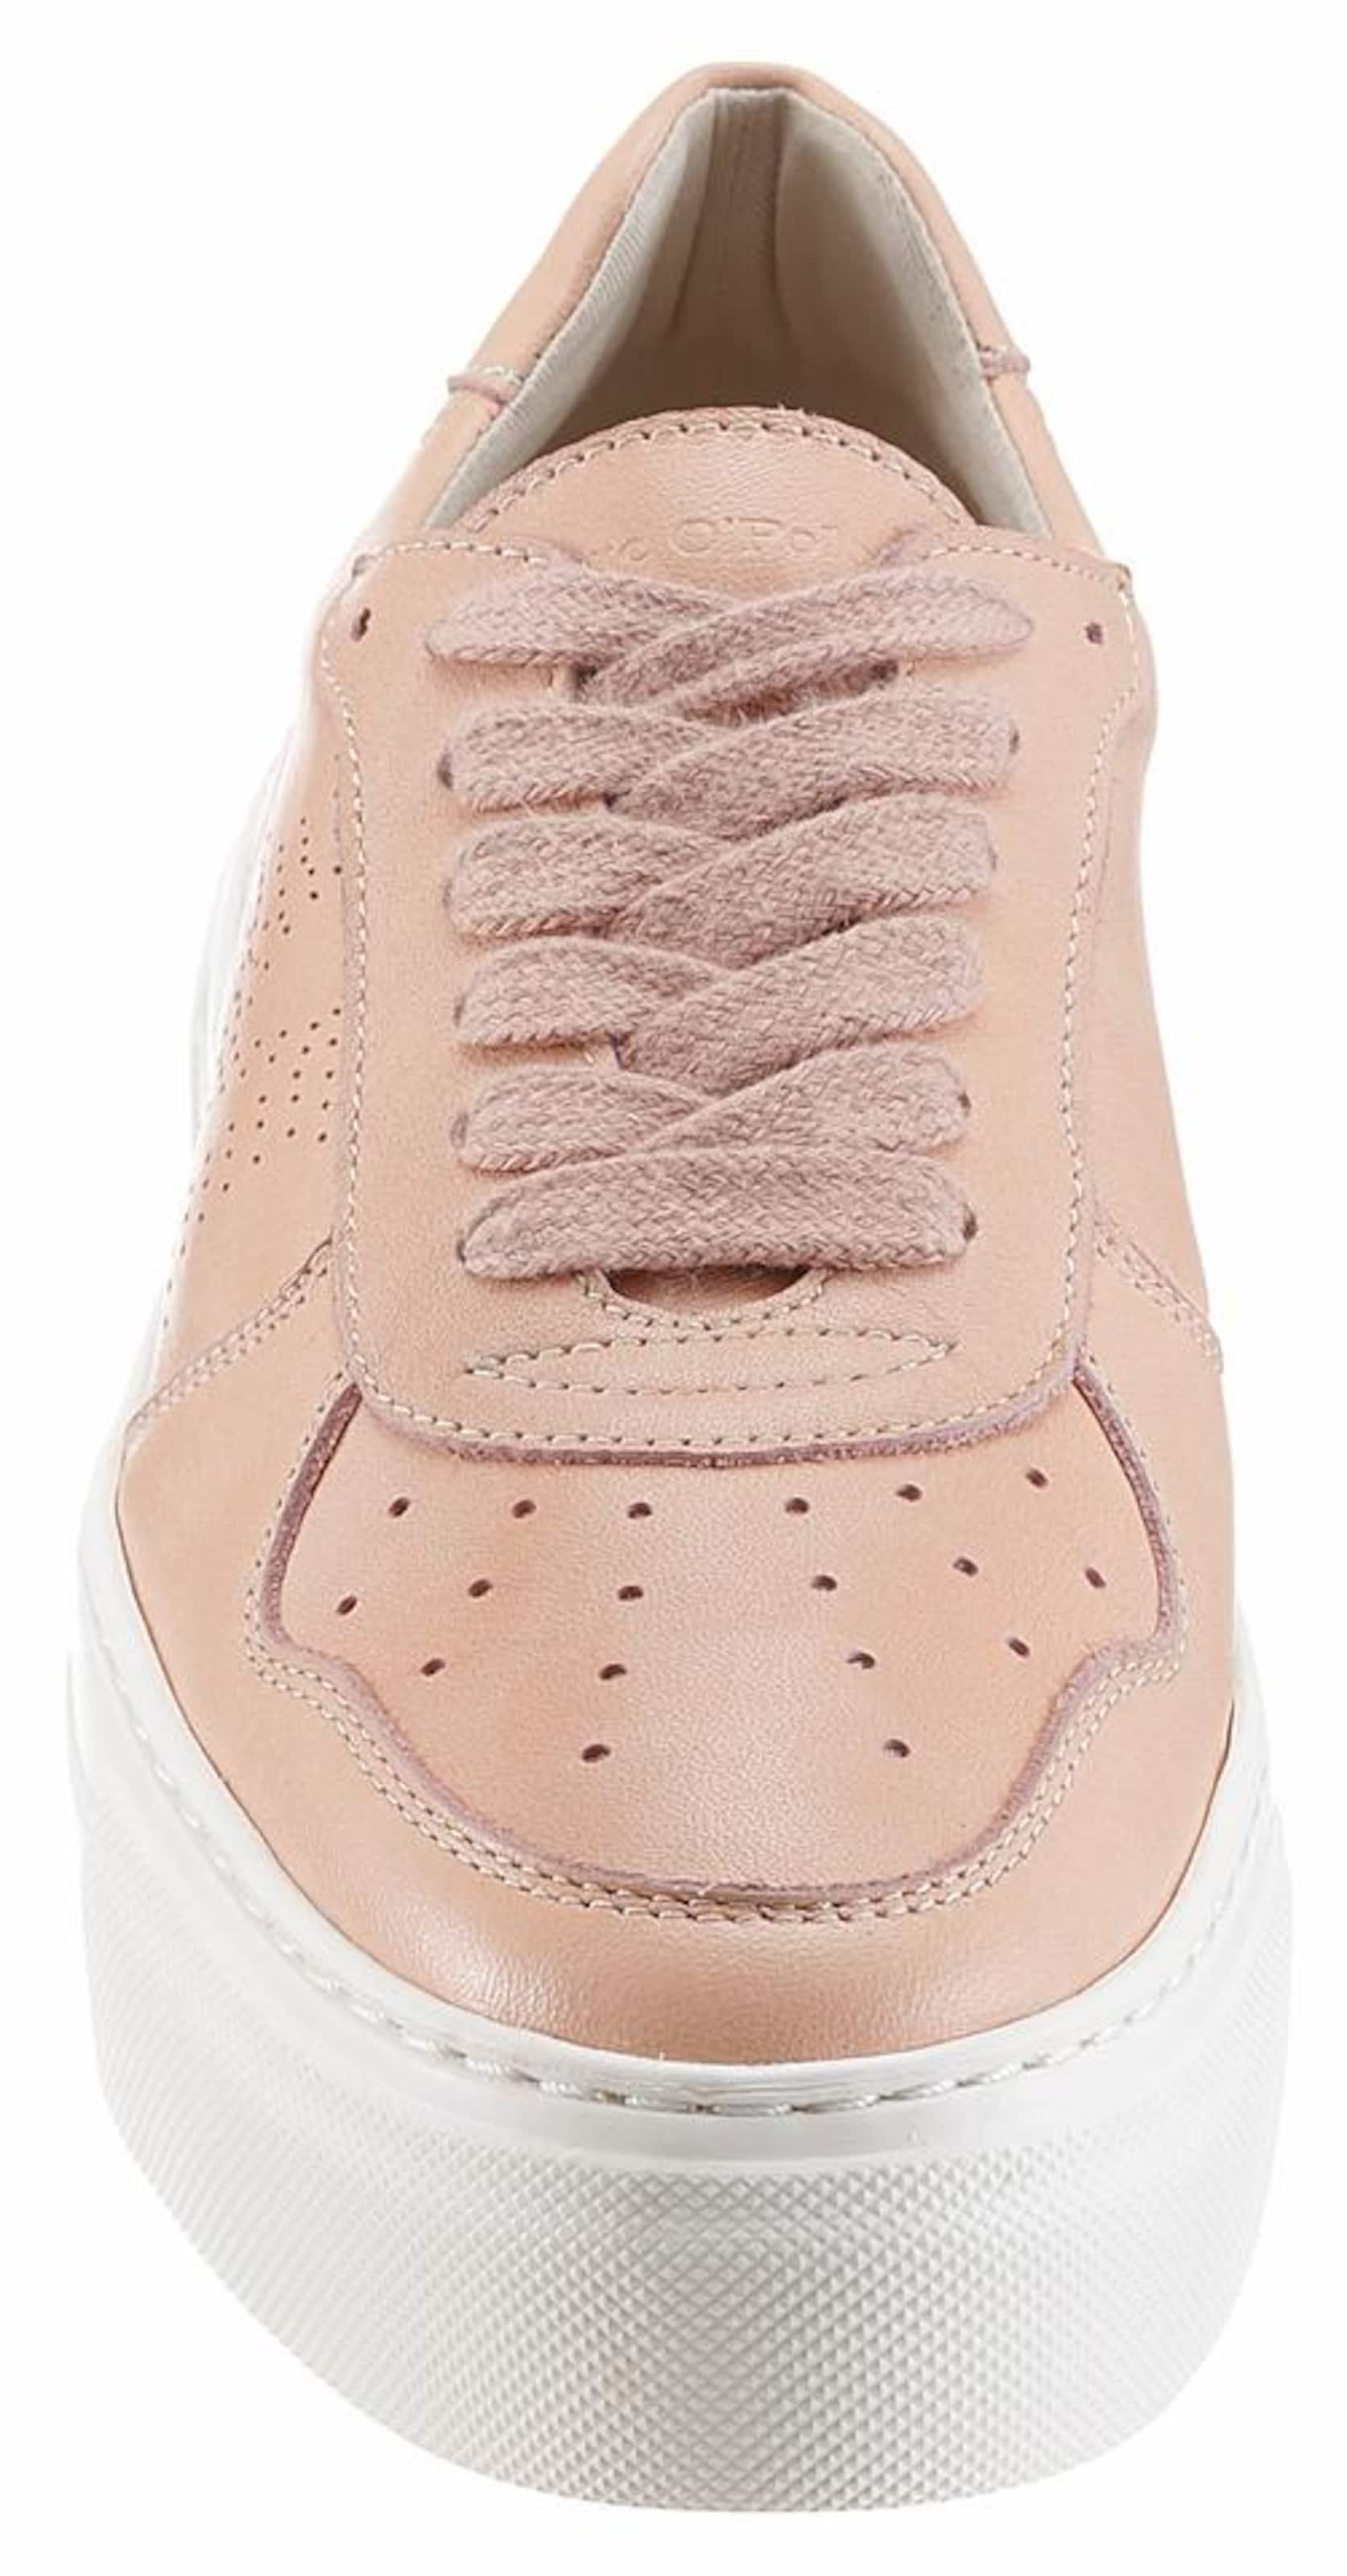 Marc O'Polo Sneaker Steckdose Billig Große Diskont Online Günstiges Shop-Angebot 1Tpf2Zd